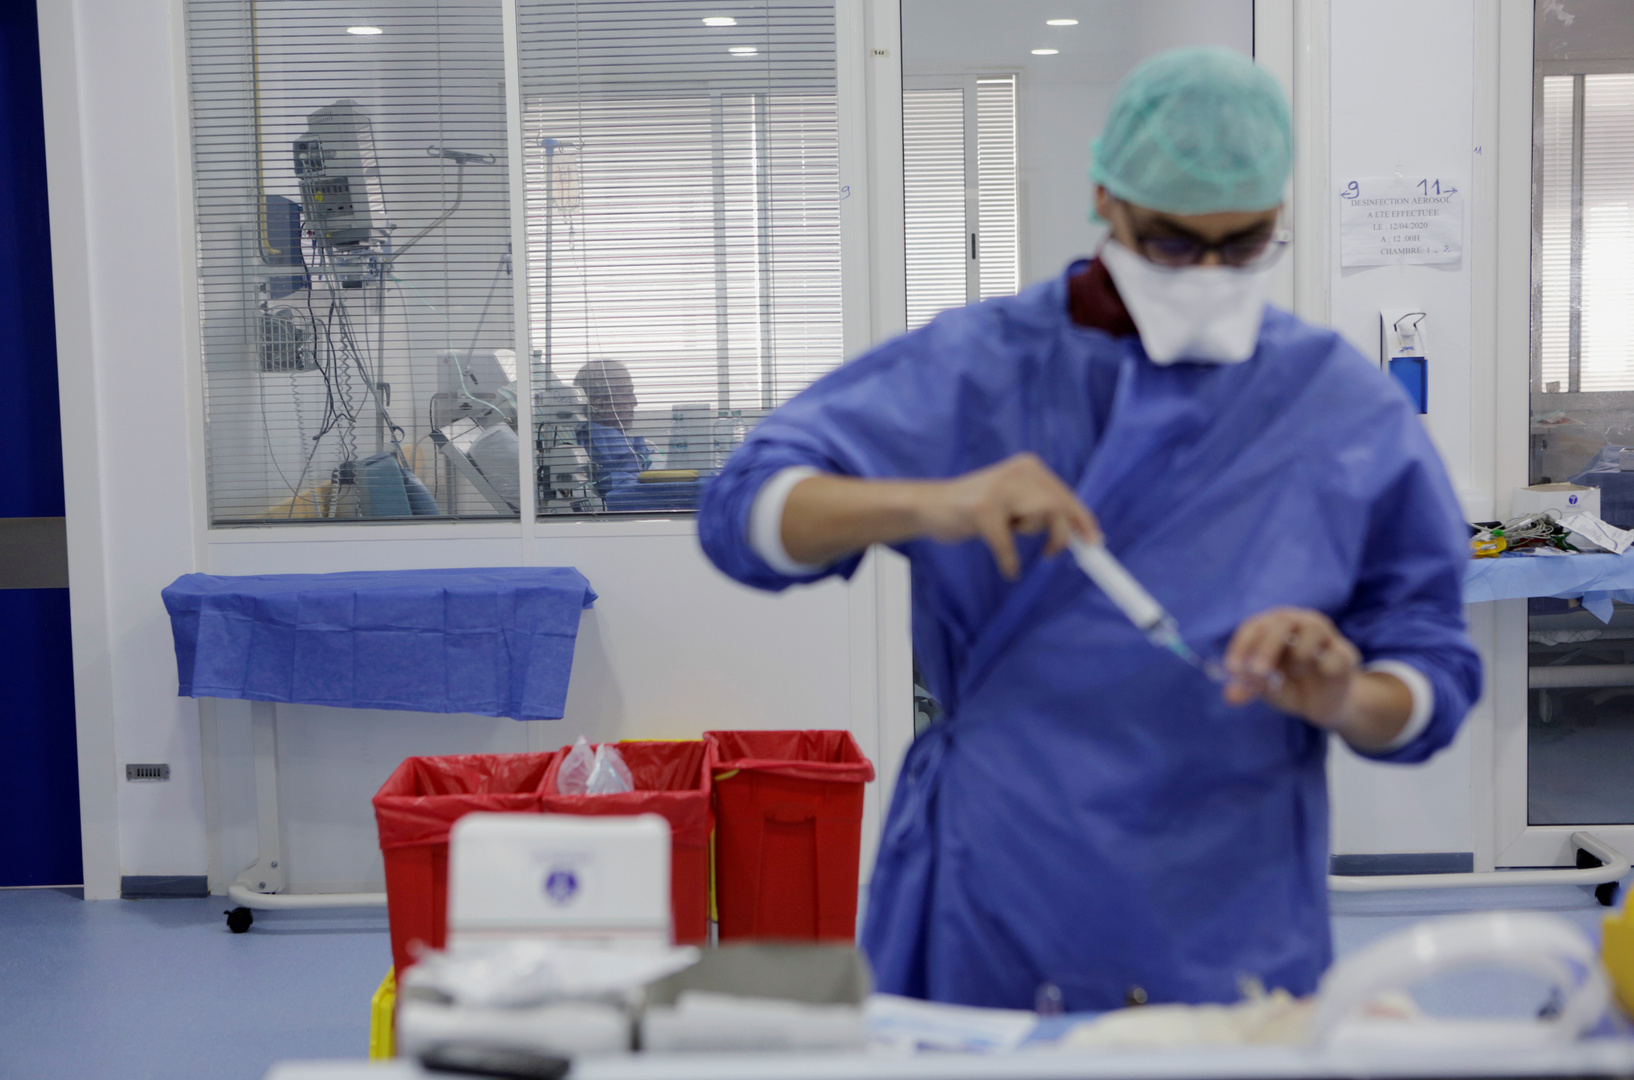 المغرب يسجل 789 إصابة جديدة بكورونا وحالتي وفاة